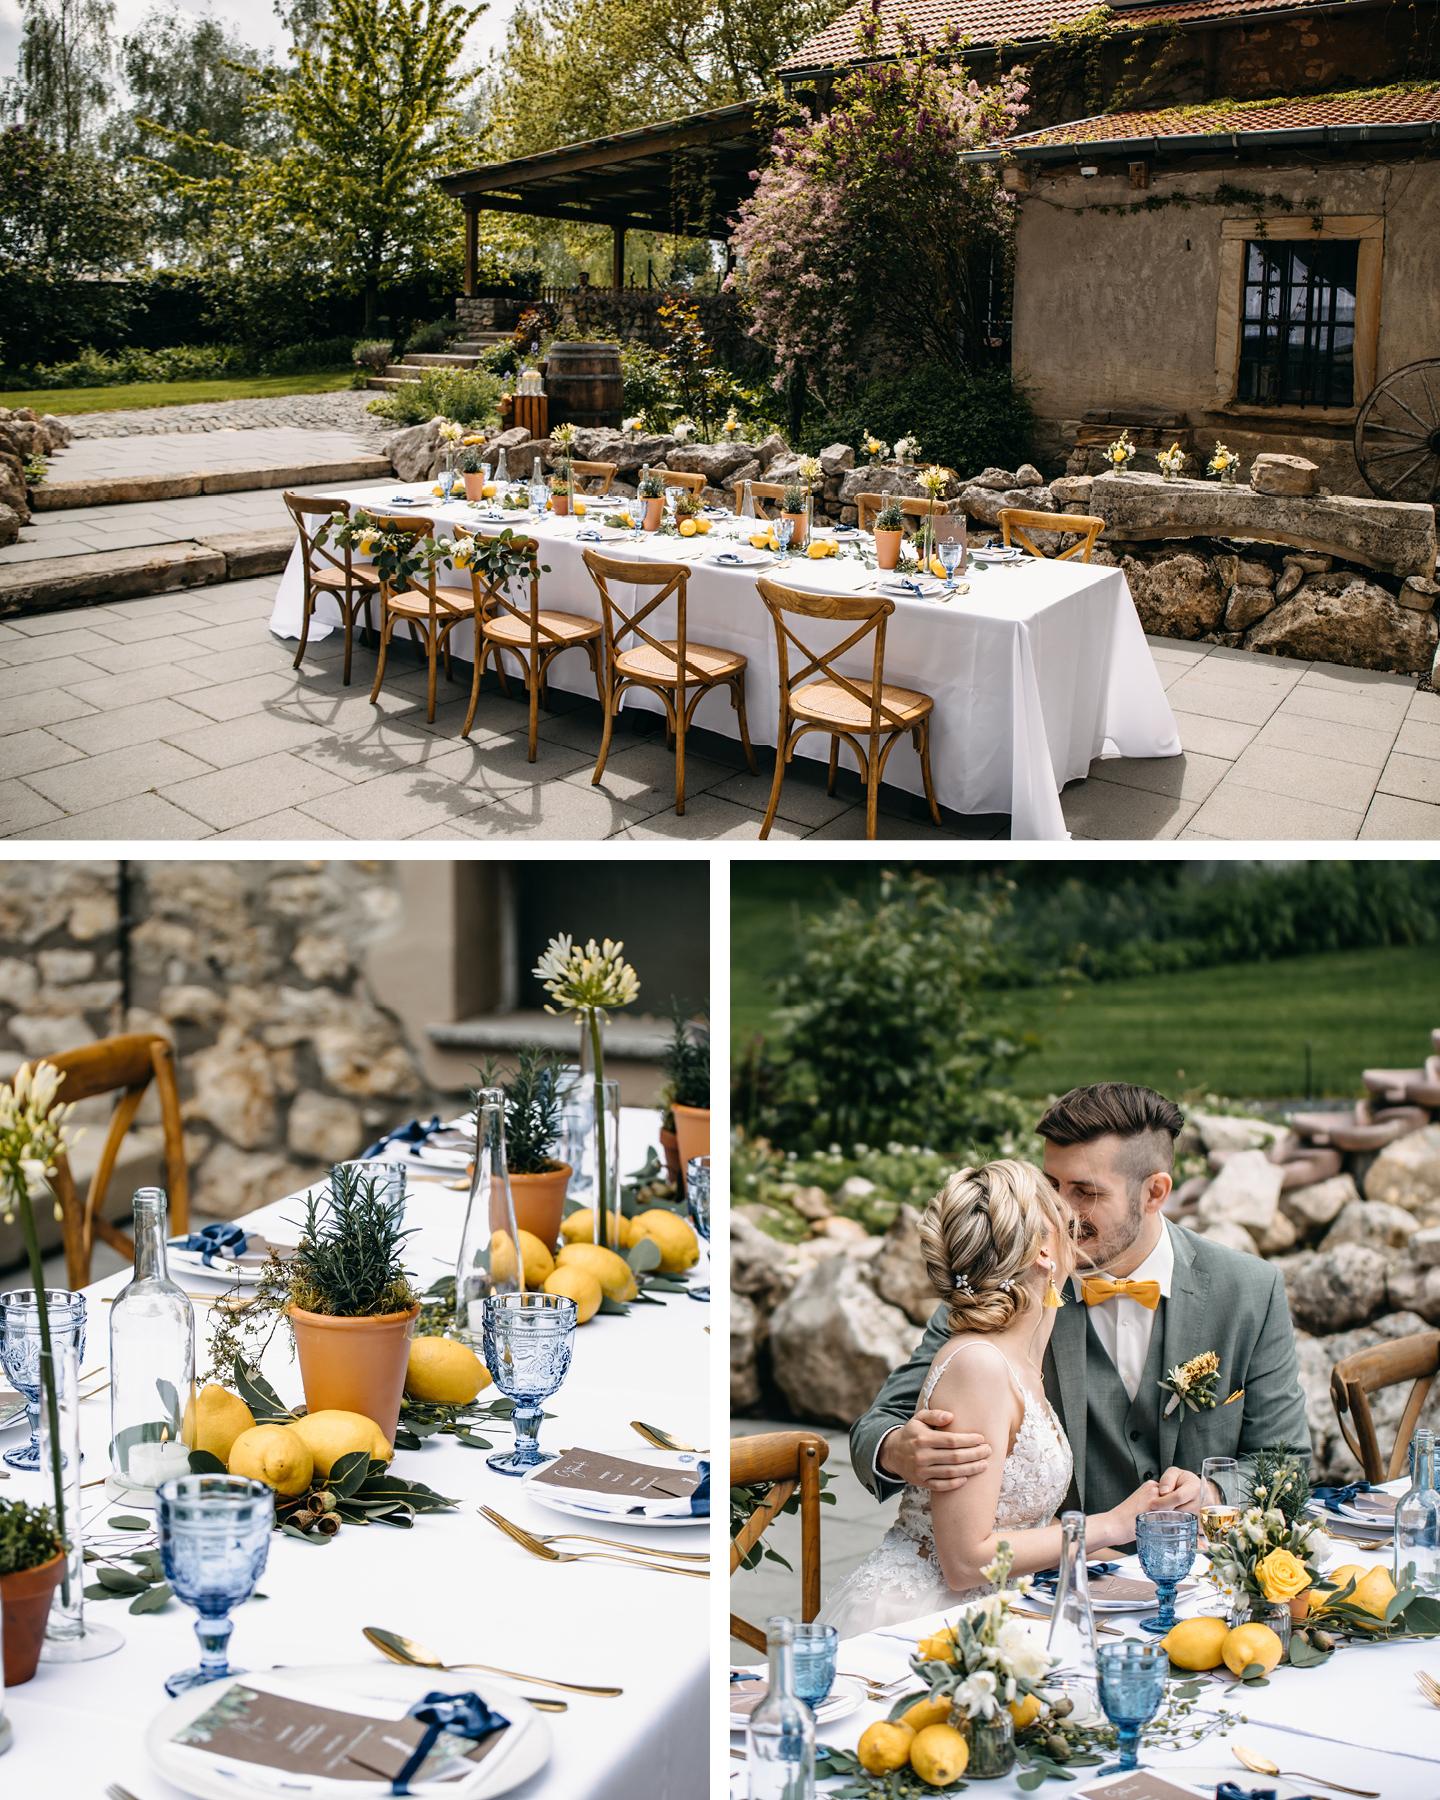 Hochzeitstafel am Weingut ist in Weiß und Blau dekoriert. Zitronen und grüne Blätter sorgen für Italien-Feeling.